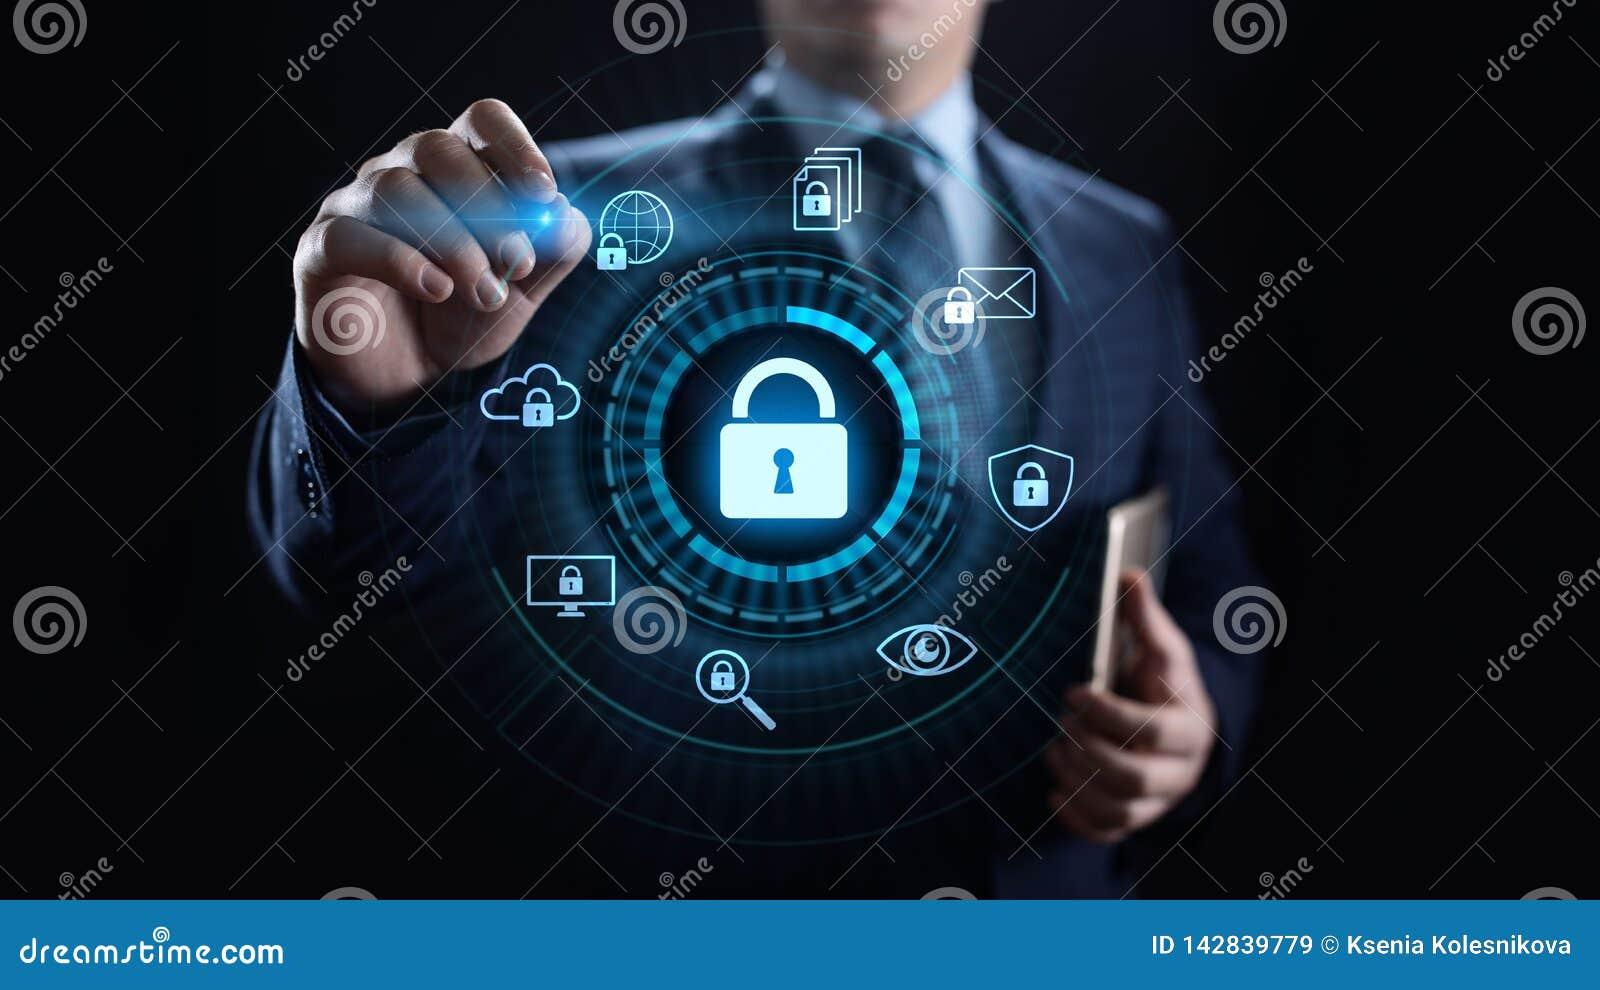 Концепция технологии интернета уединения данным по защиты данных безопасностью кибер